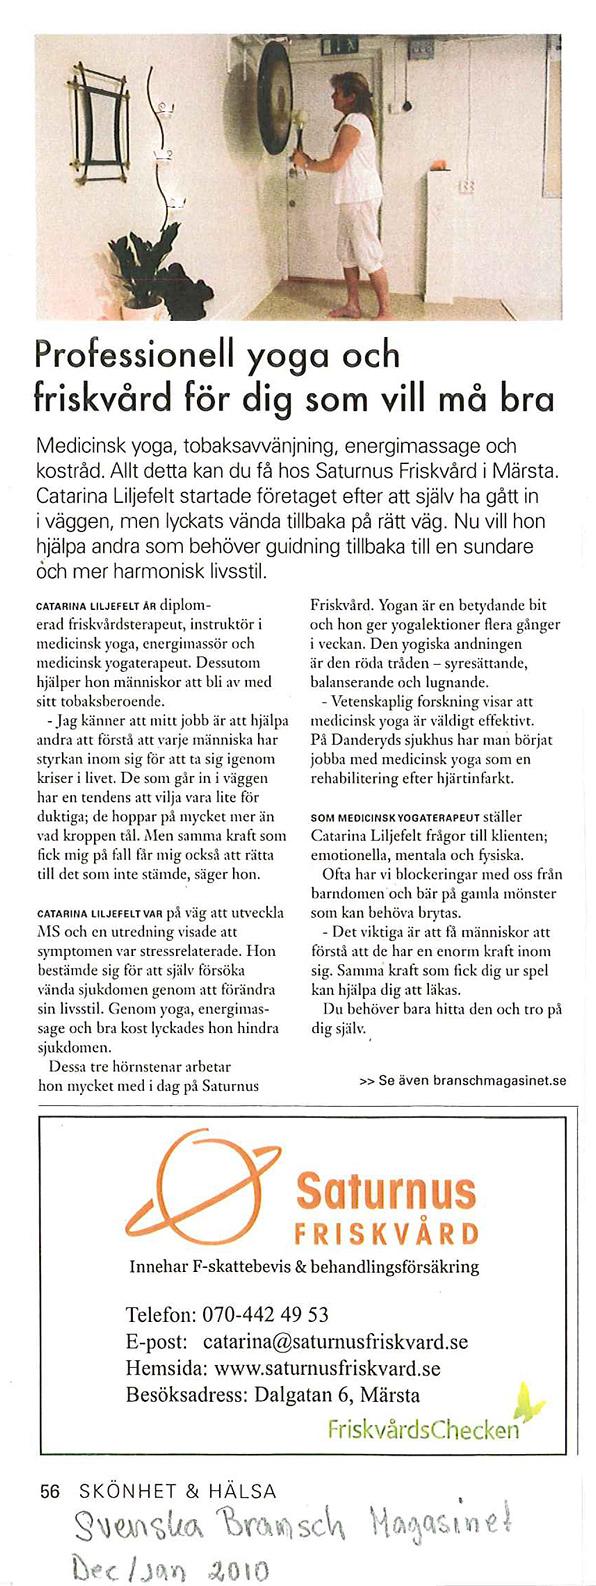 Artikel i Svenska Branschmagasinet